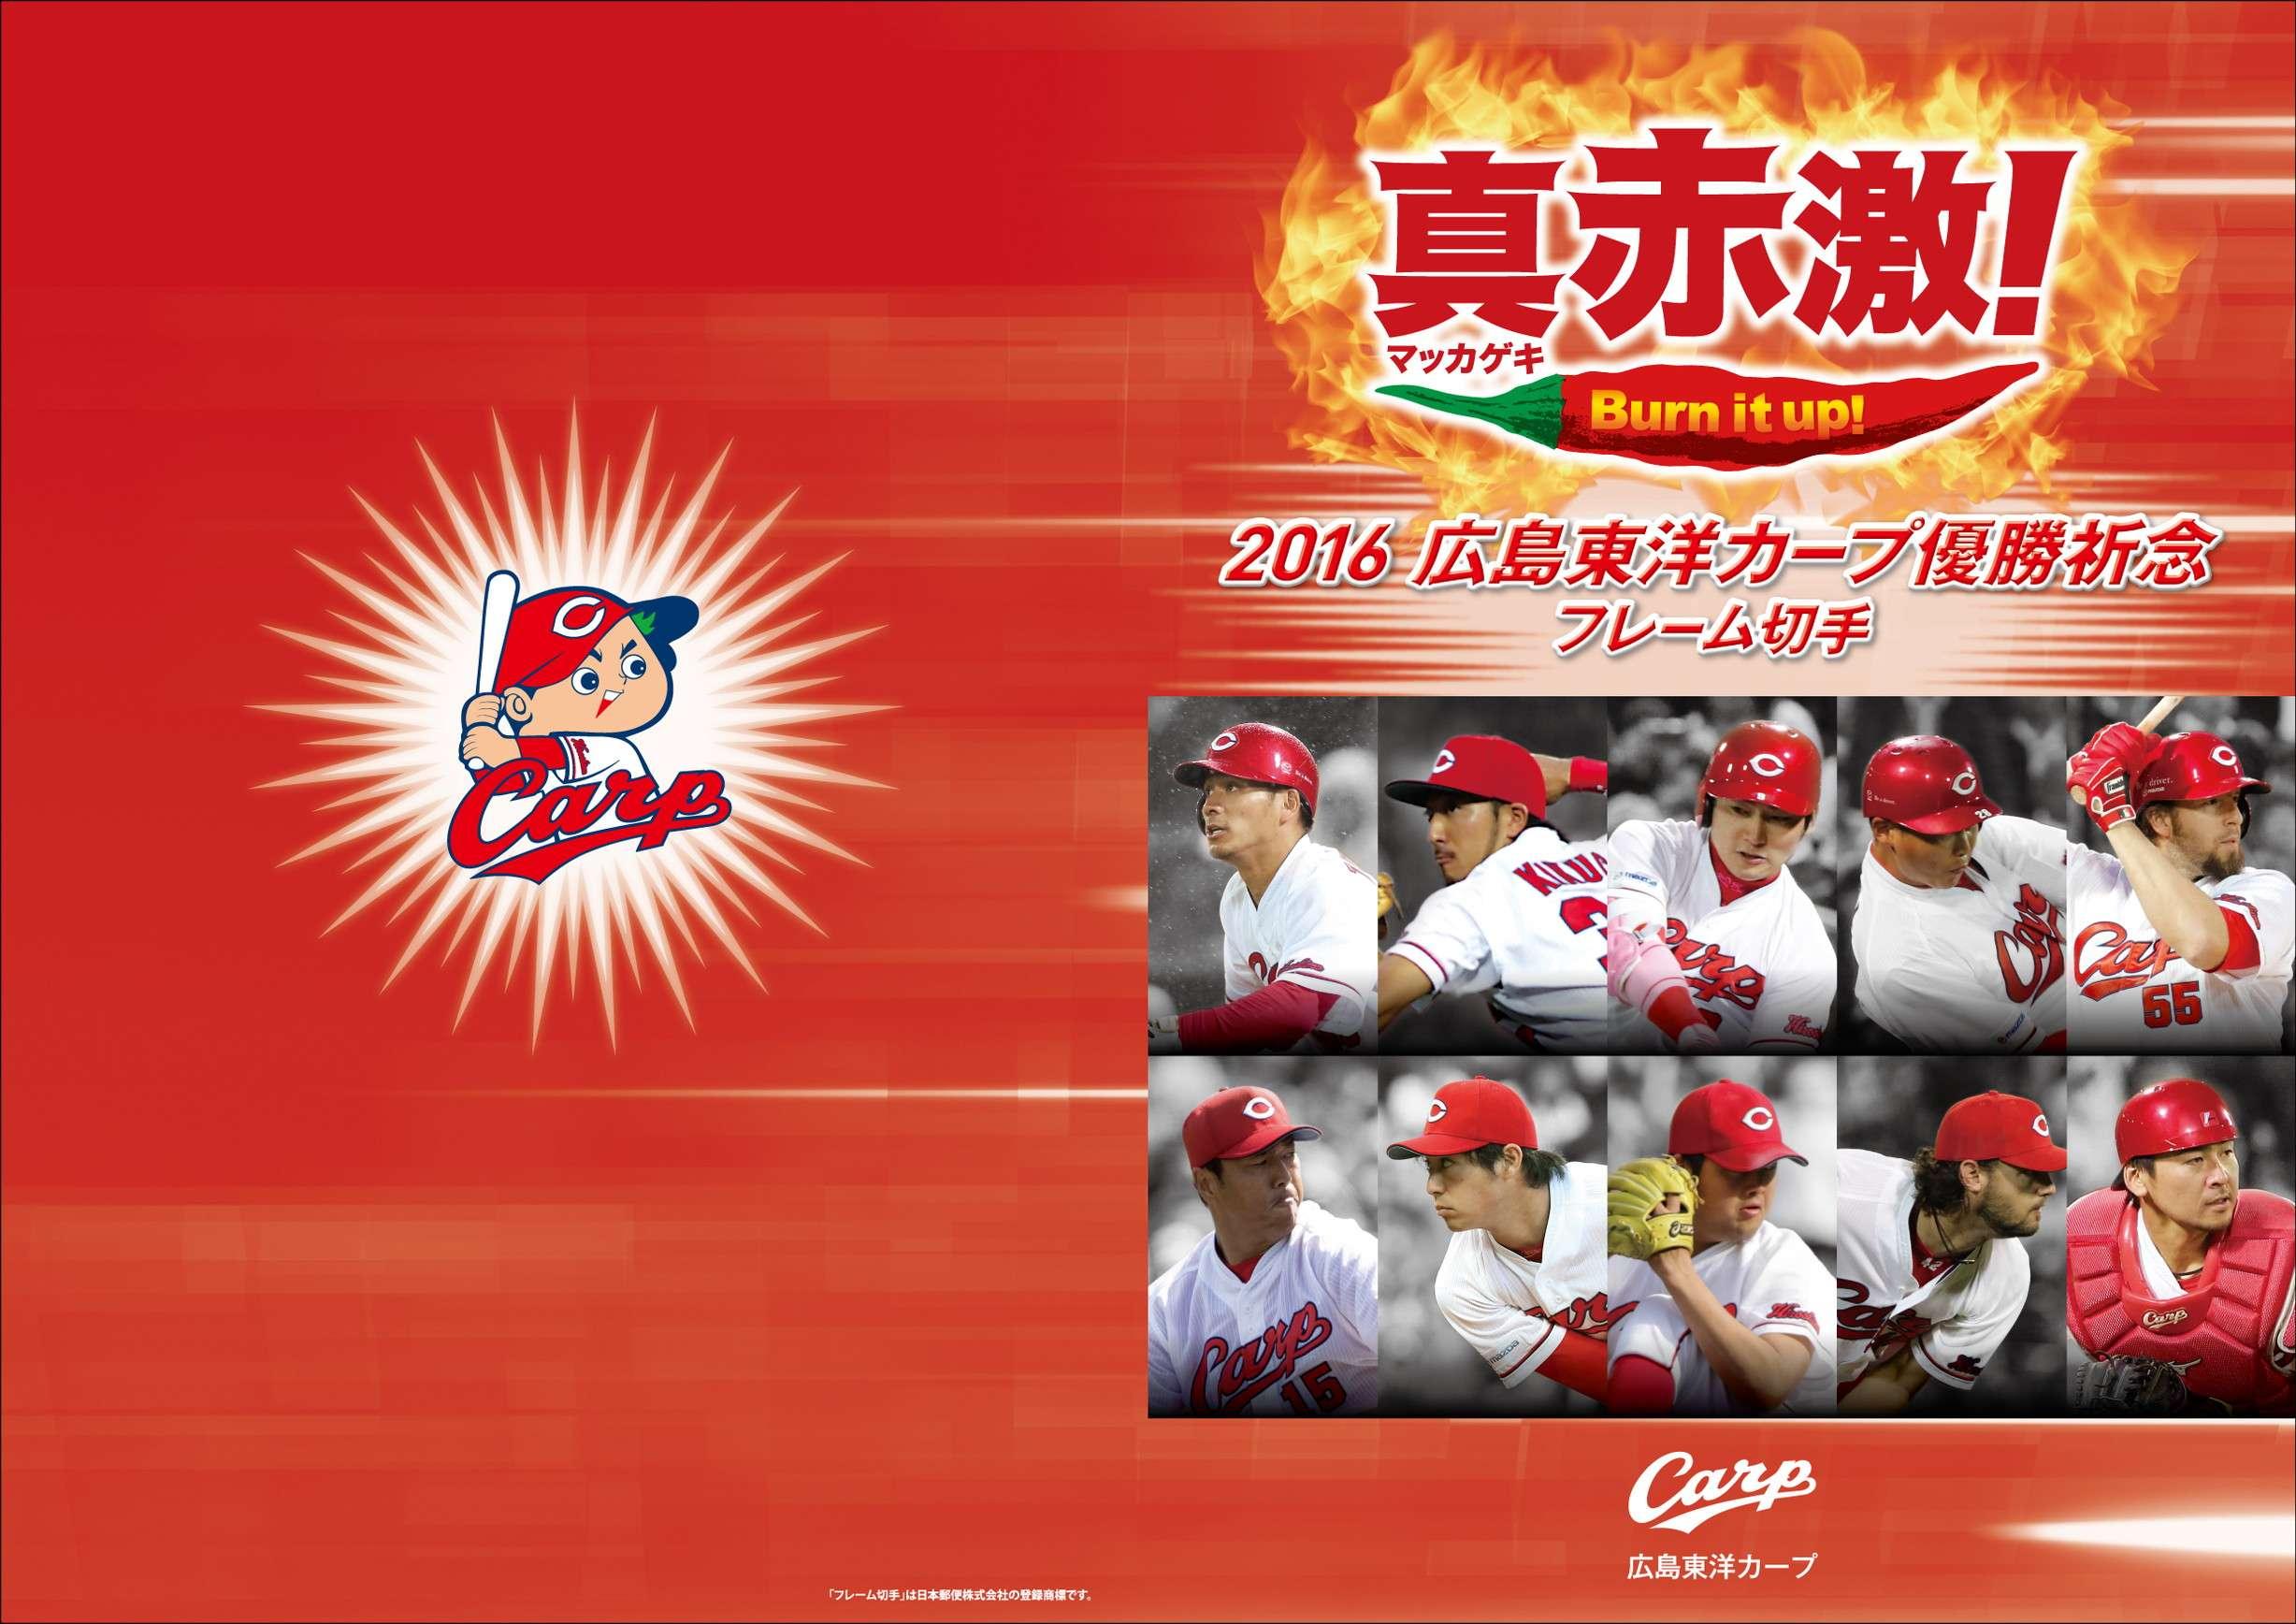 オリジナル フレーム切手セット「2016~真赤激!~広島東洋カープ優勝祈念」